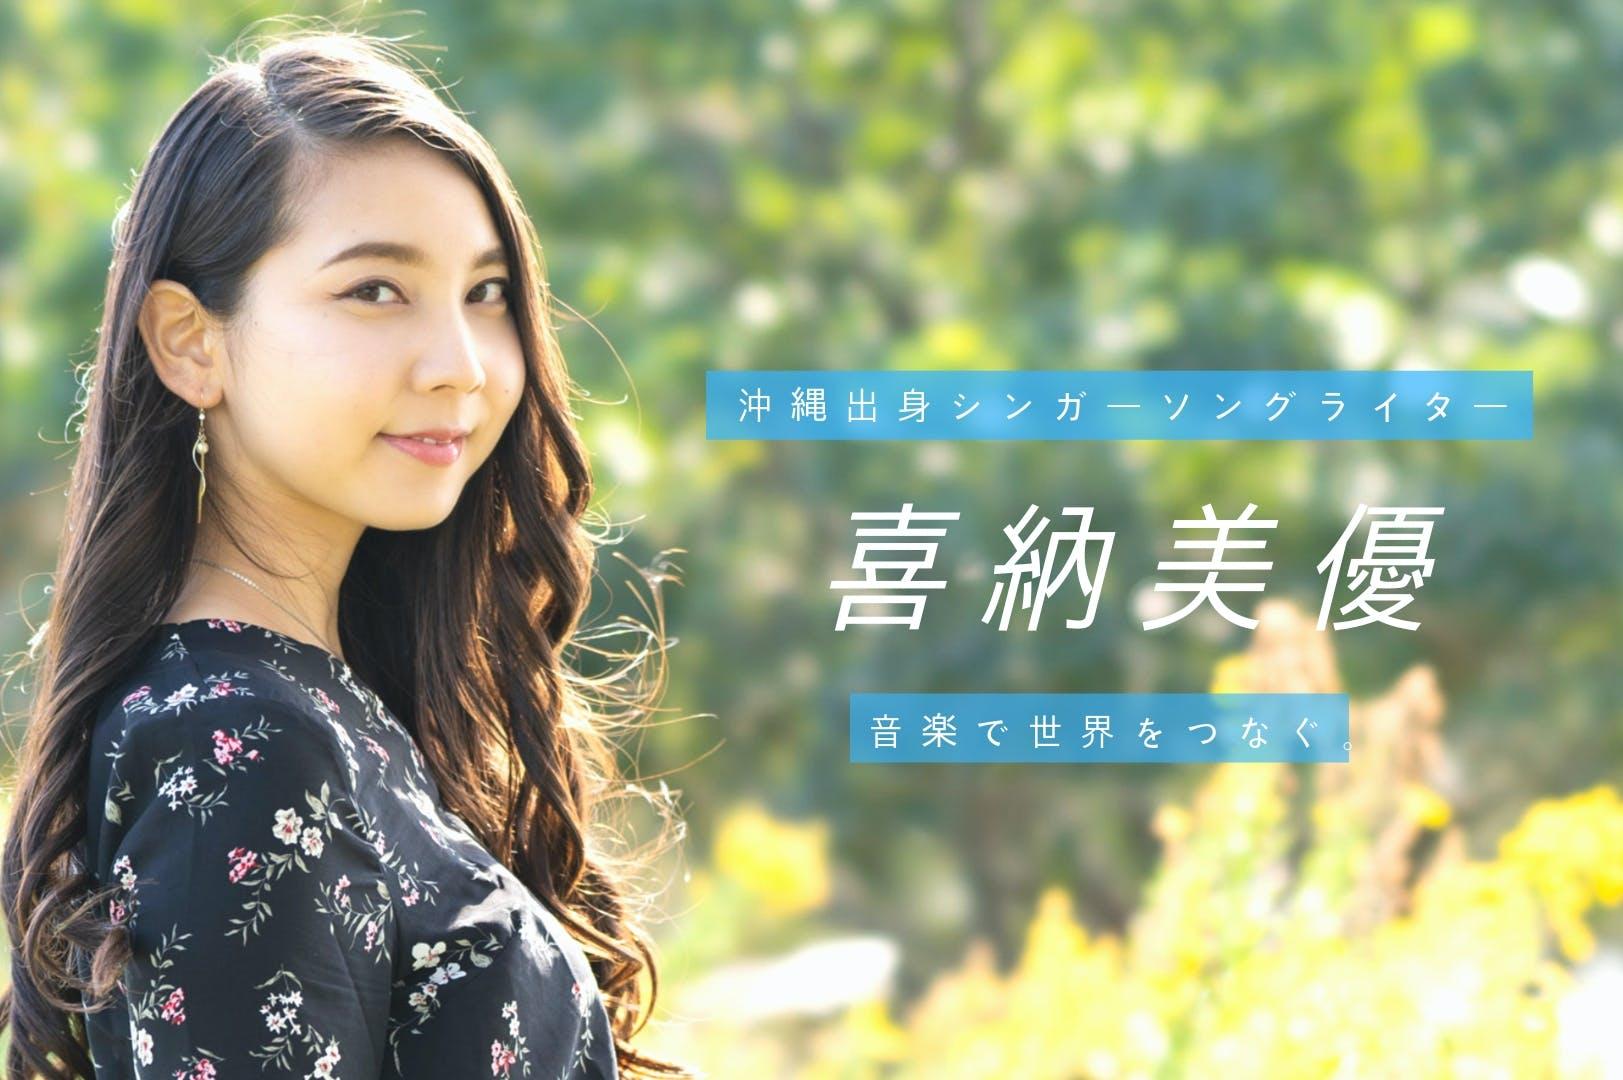 美優 喜納 喜納美優とかいうシンガーソングライターがavでてる